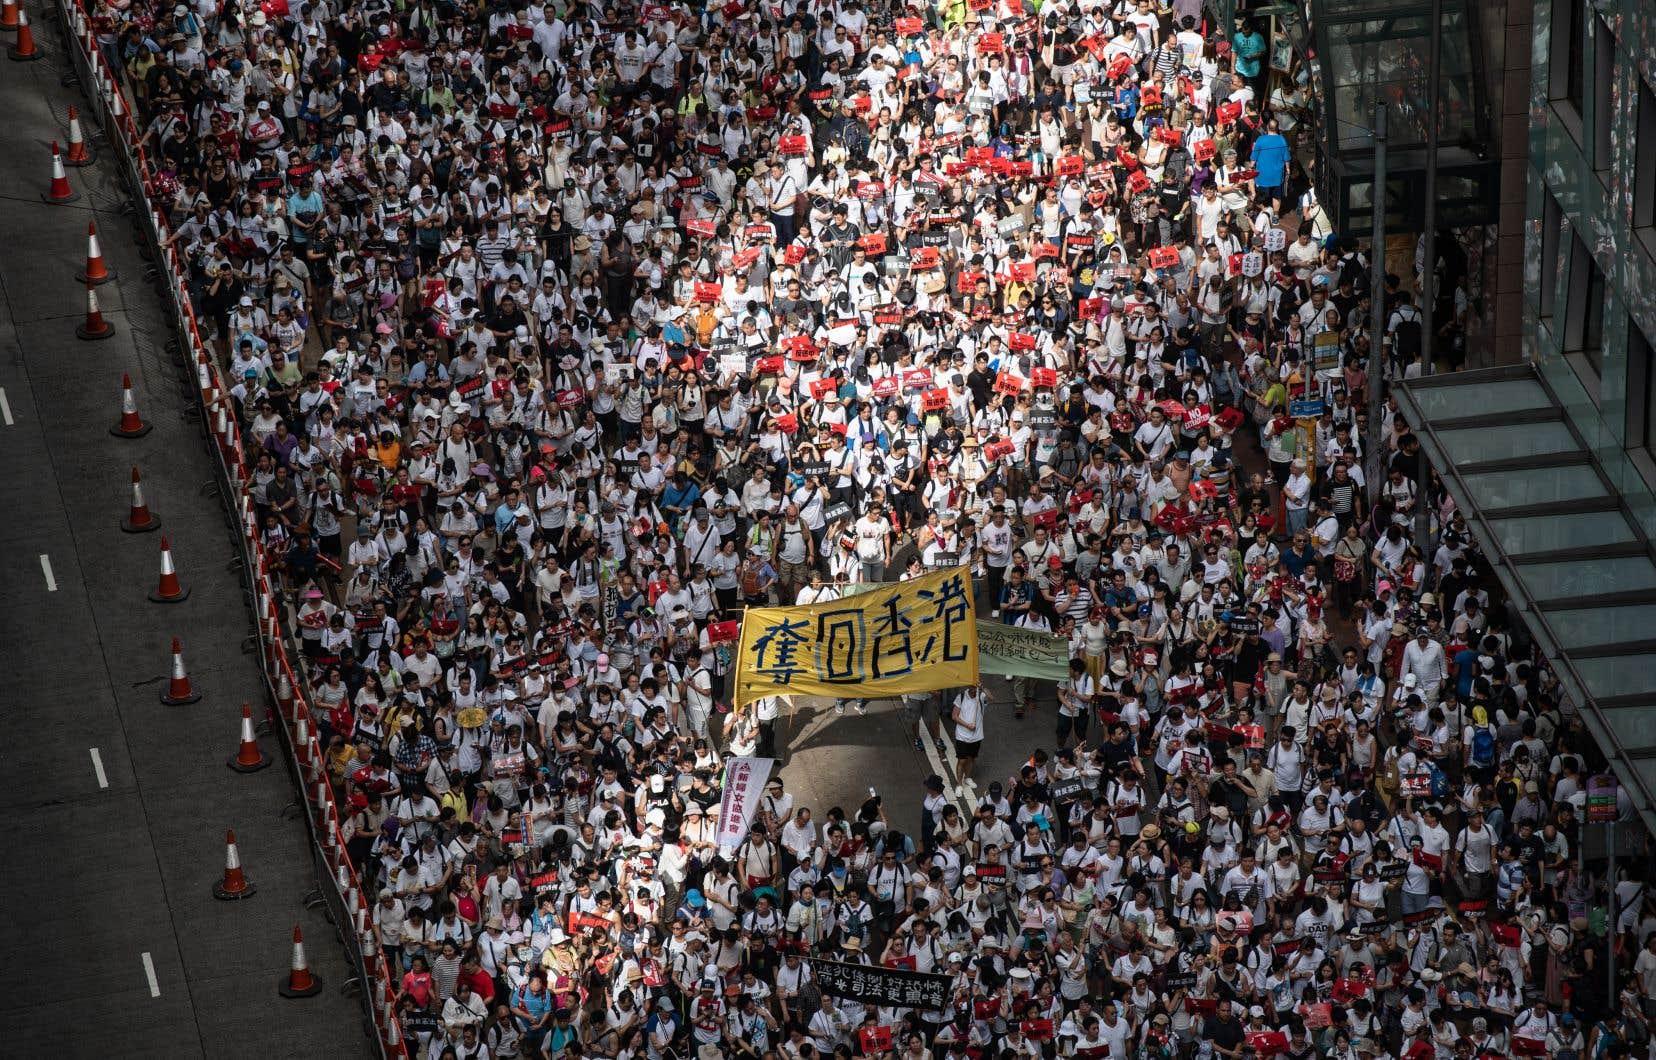 Plus d'un million de citoyens ont manifesté dimanche, selon les organisateurs.